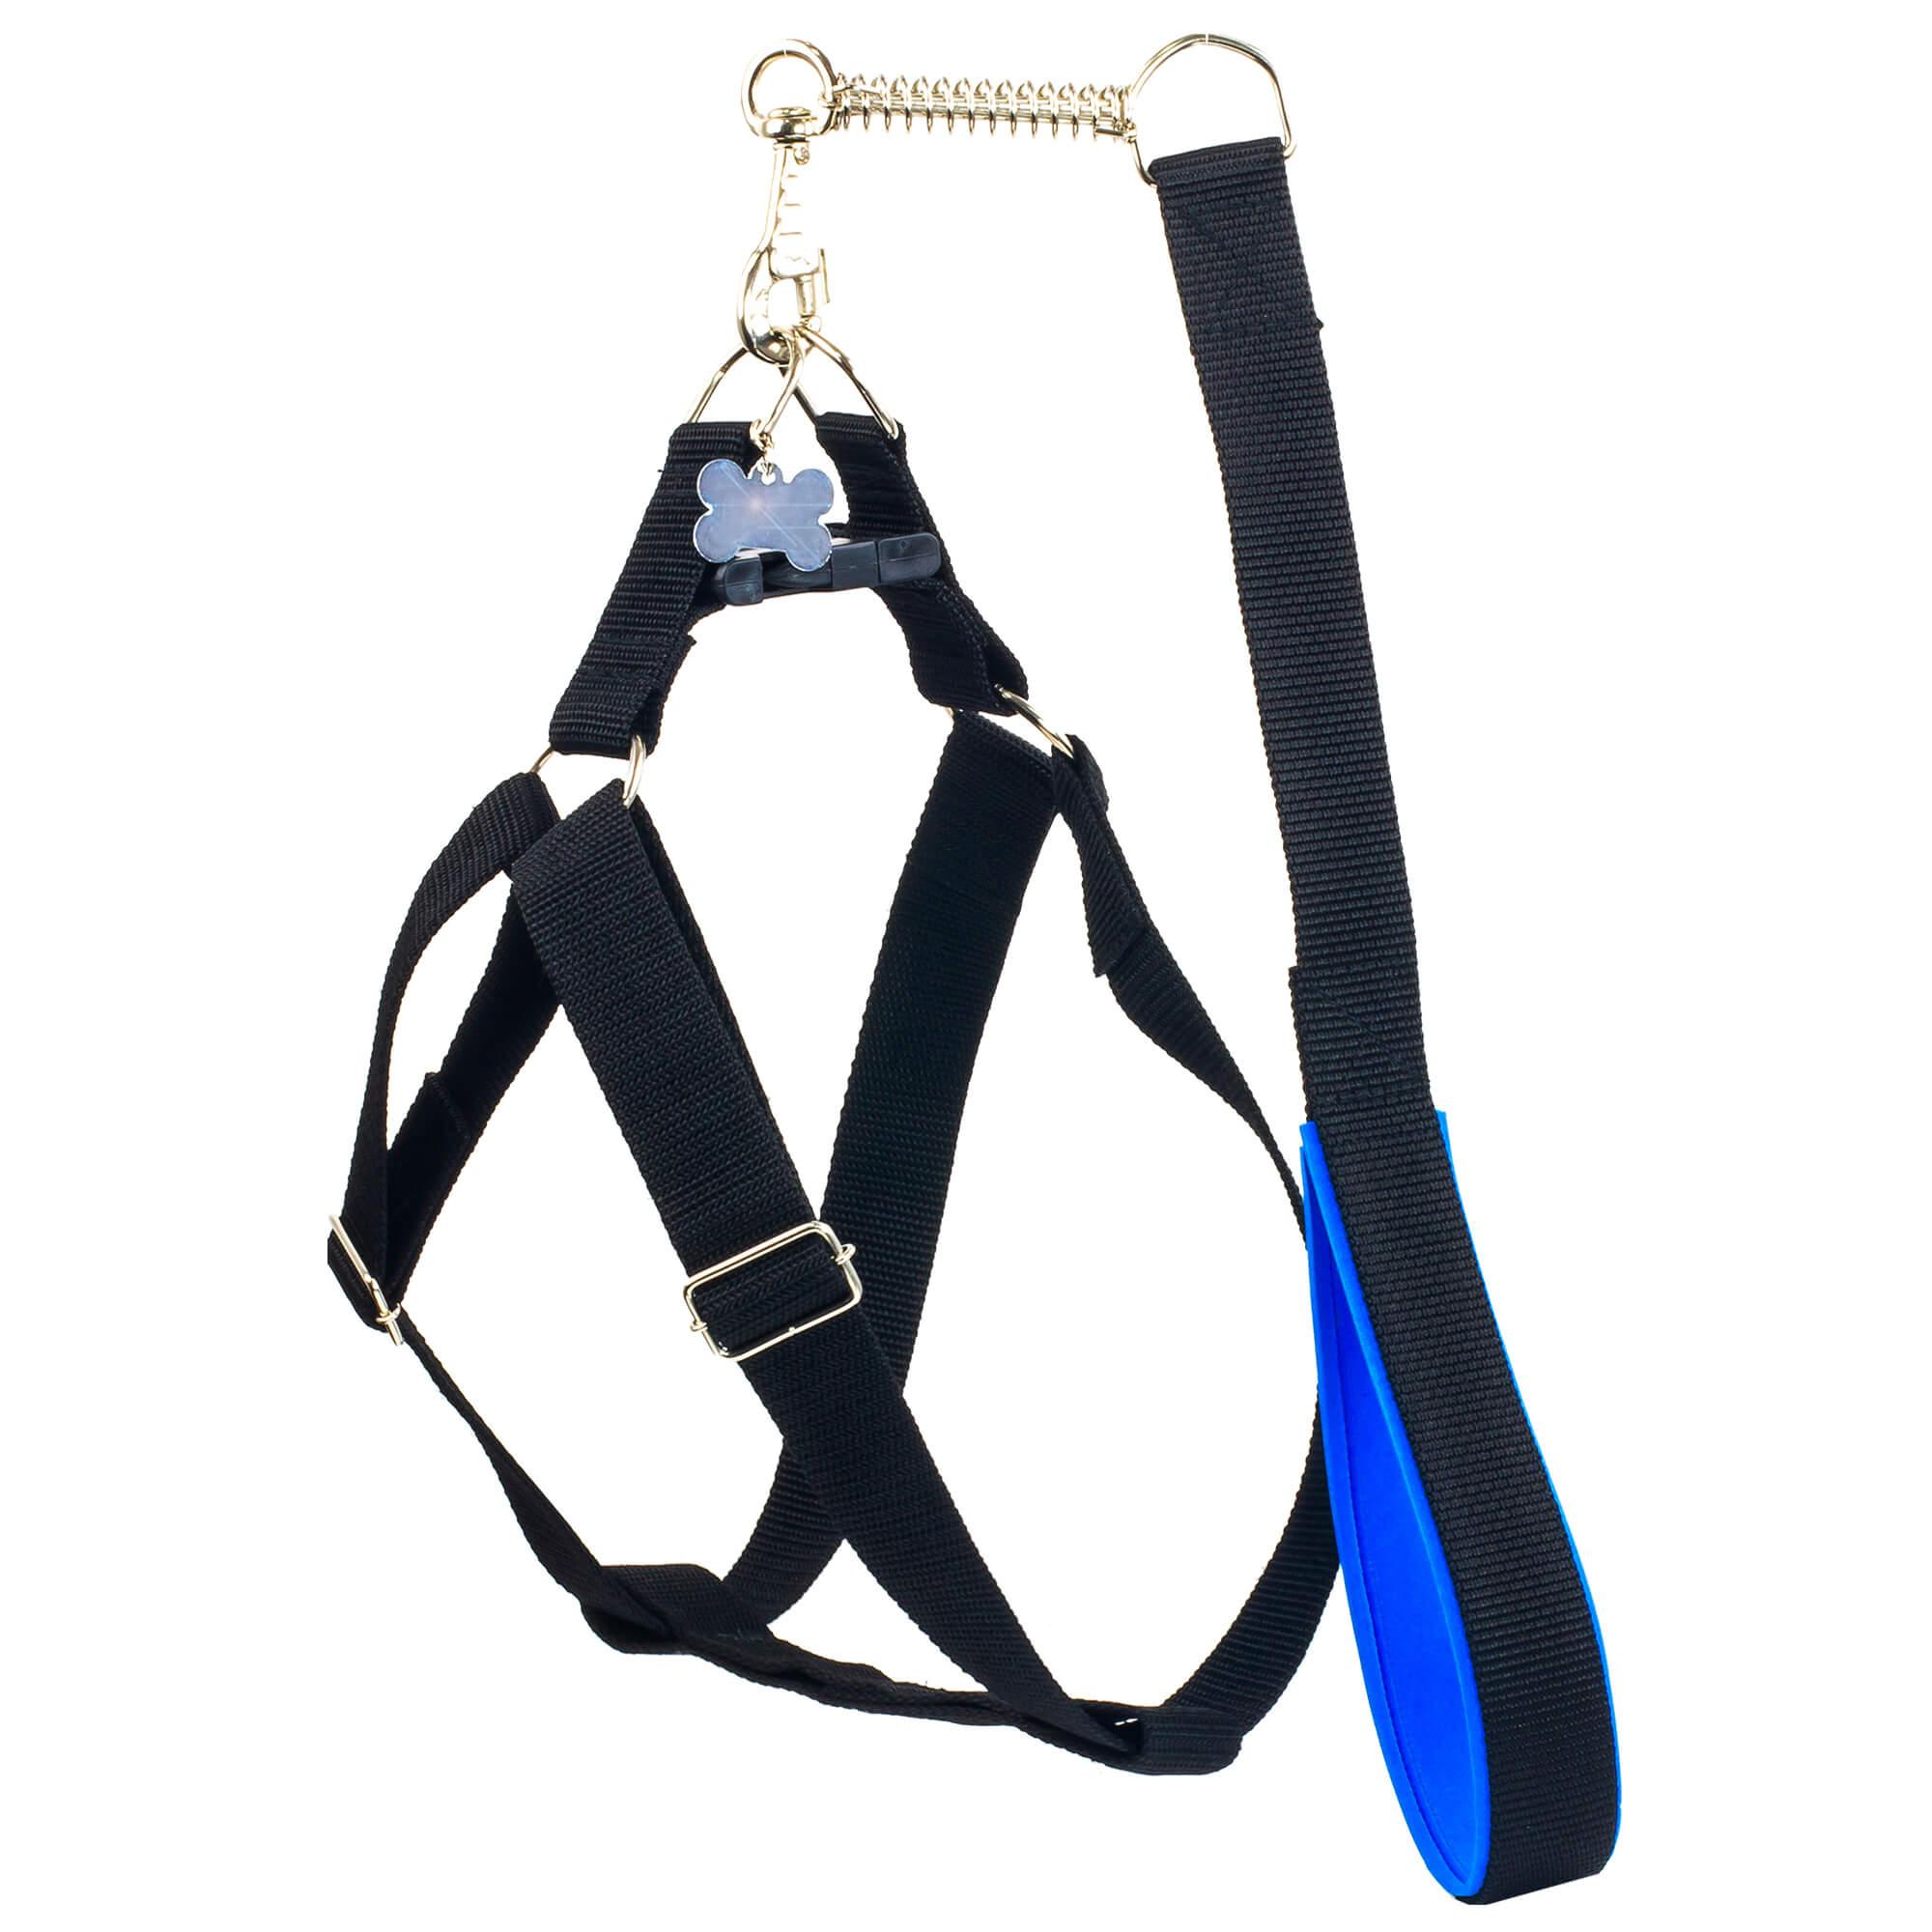 Peitoral Guia Cachorros Raças Grandes Anymous Speciale Azul - M